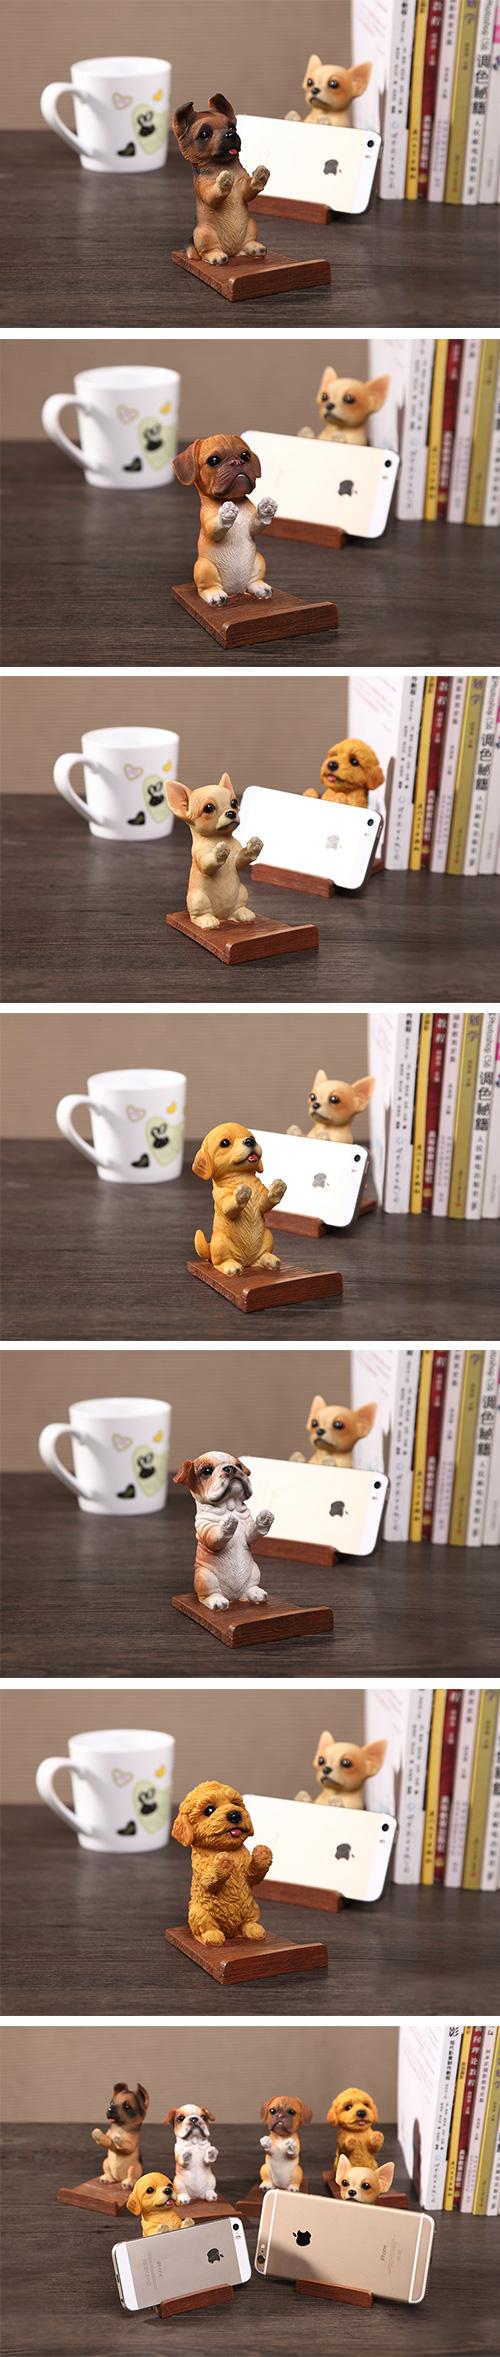 【4/1~5/9母親節9折優惠】創意小物館 萌寵手機座狗狗系列 吉娃娃